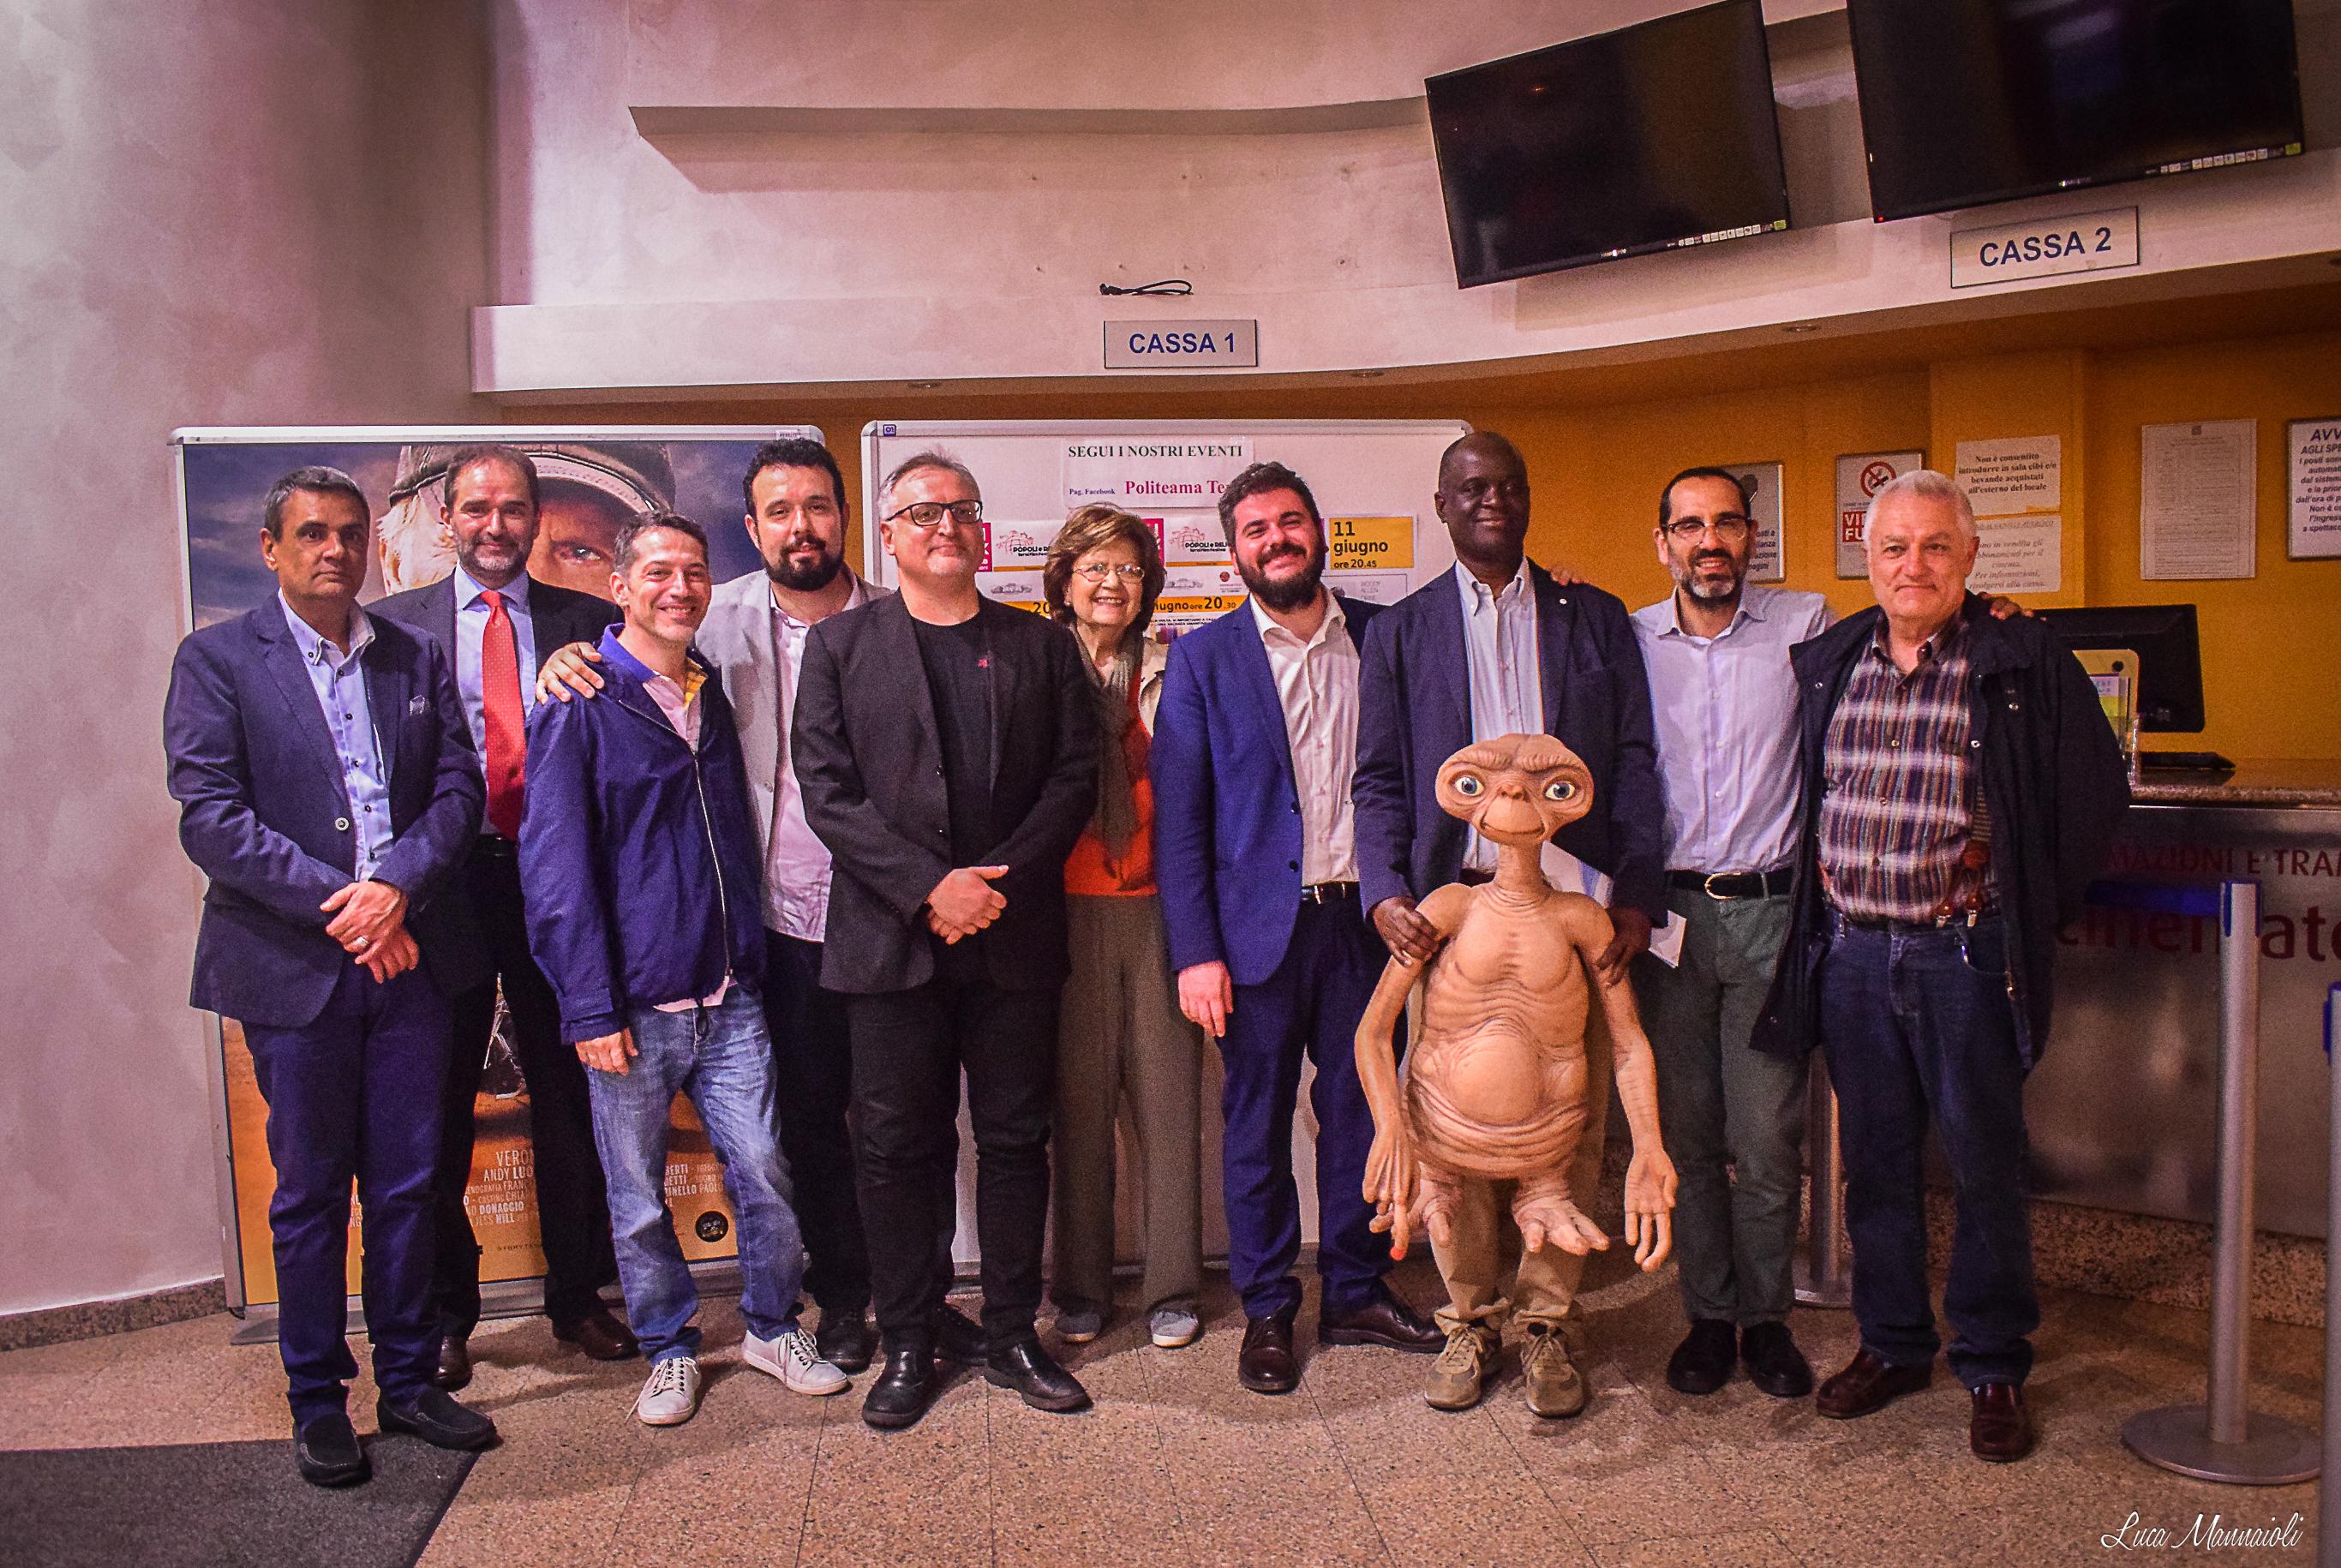 Incontro con i candidati a sindaco di Terni